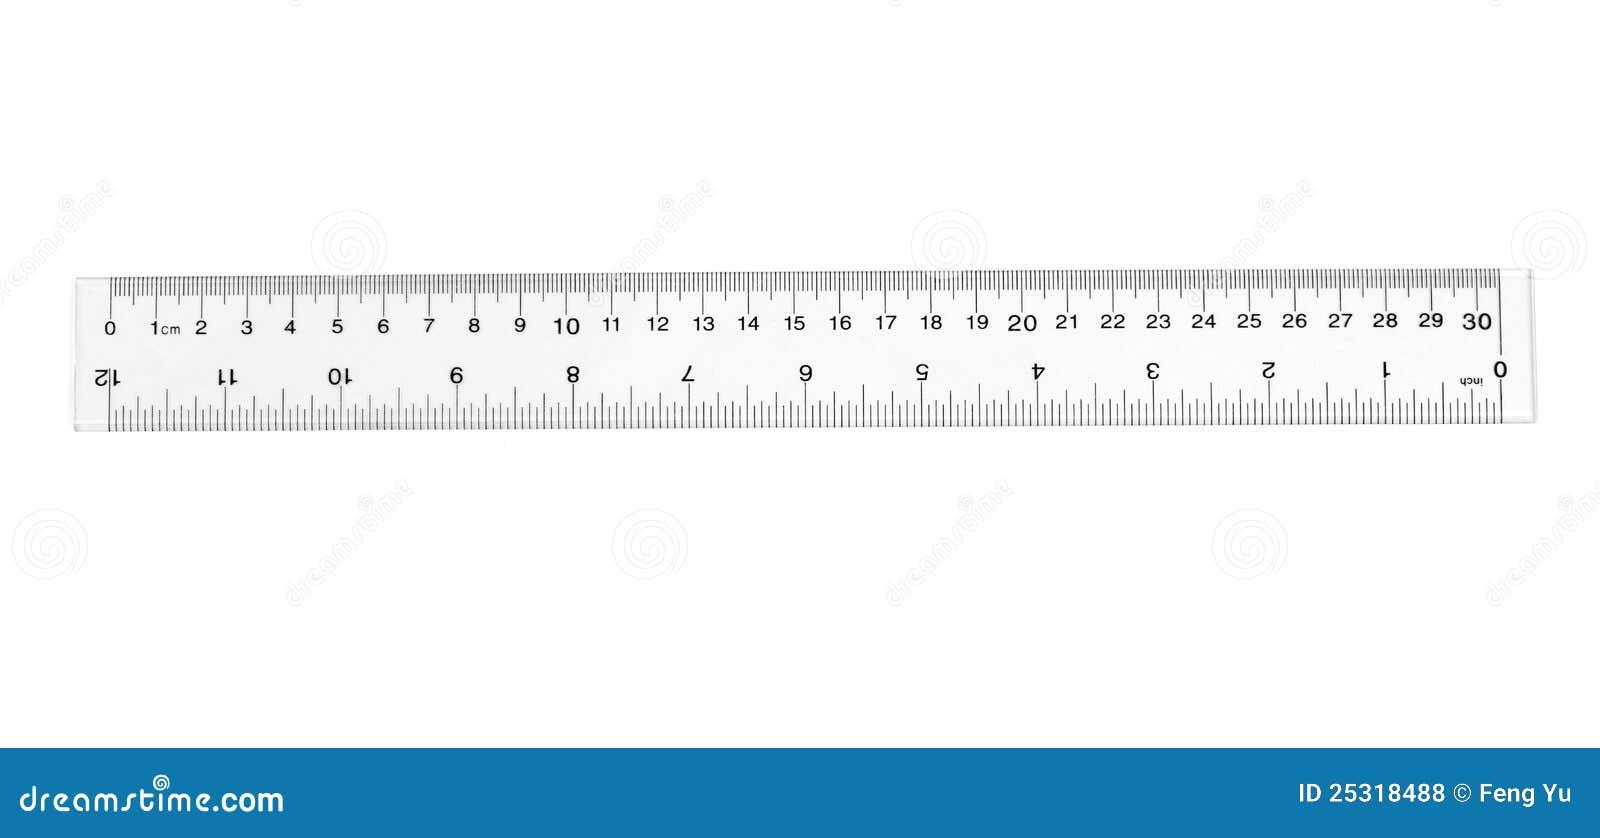 7 tum i cm